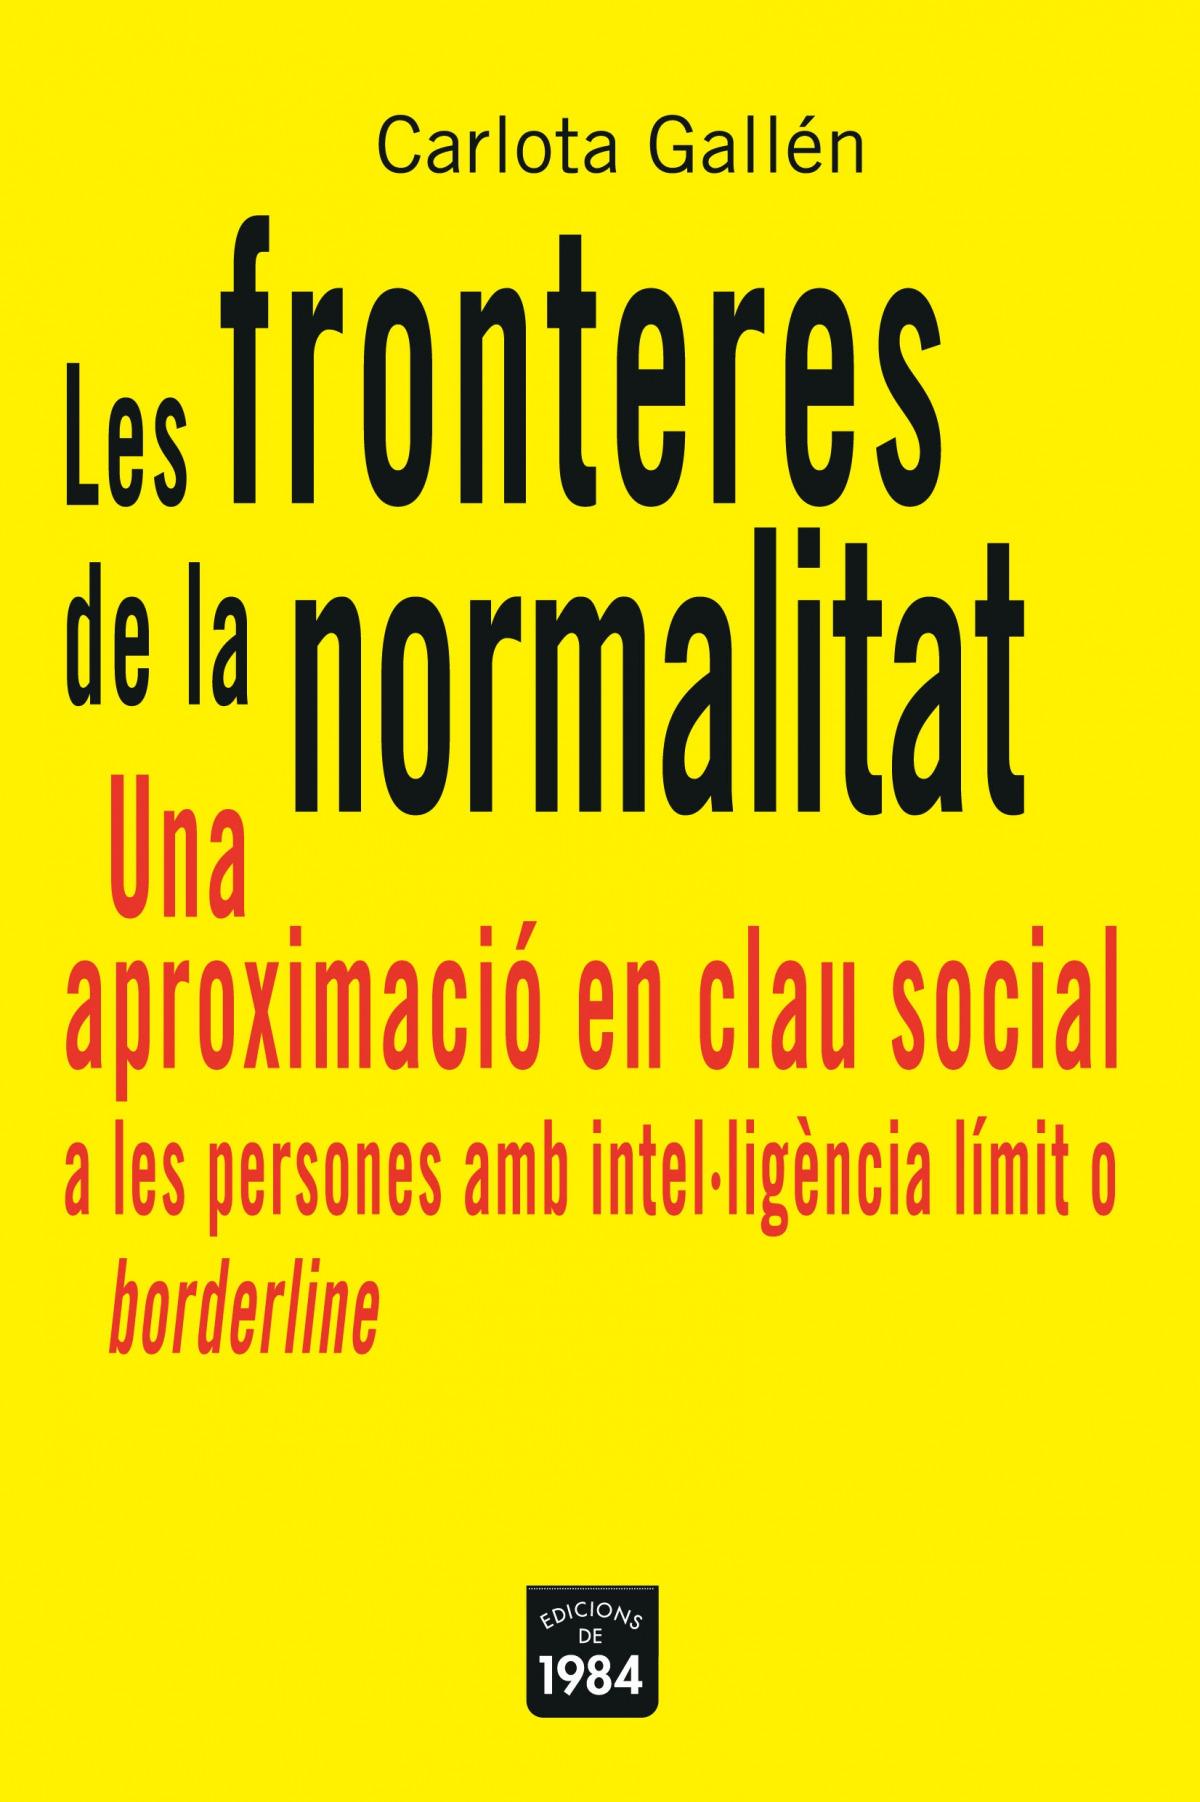 Les fronteres de la normalitat. Una aproximació en clau social a les persones amb intel·ligència límit o borderline